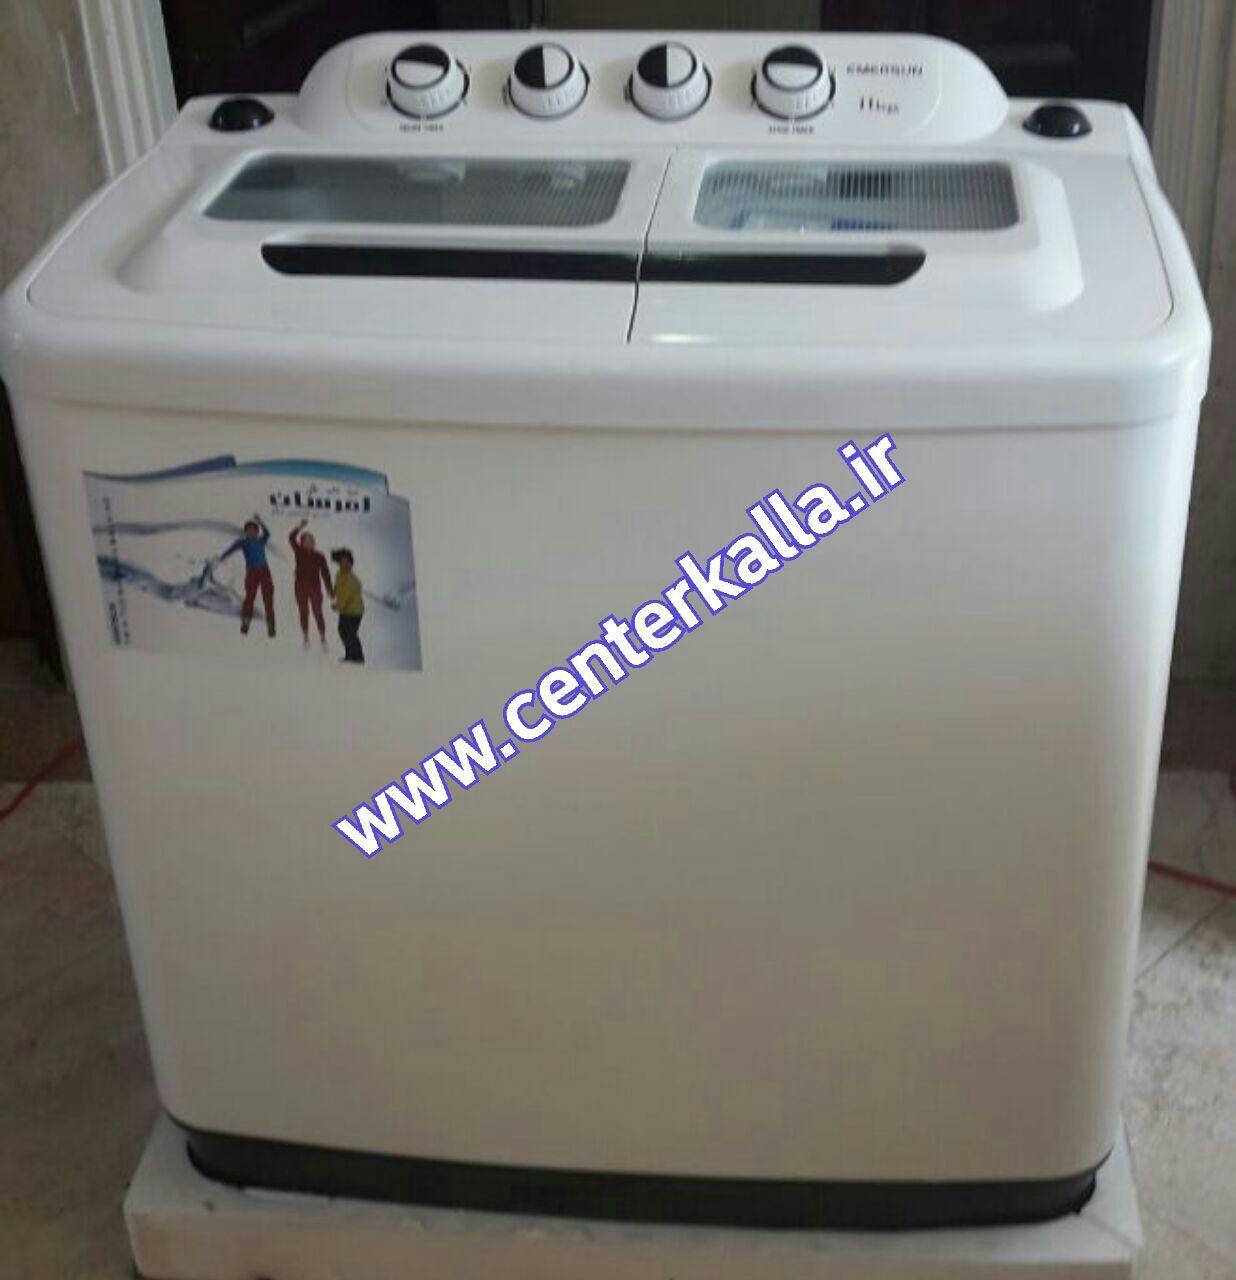 ماشین لباسشویی دوقلو امرسان emersan ظرفیت 11/5 کیلو دارای پمپ